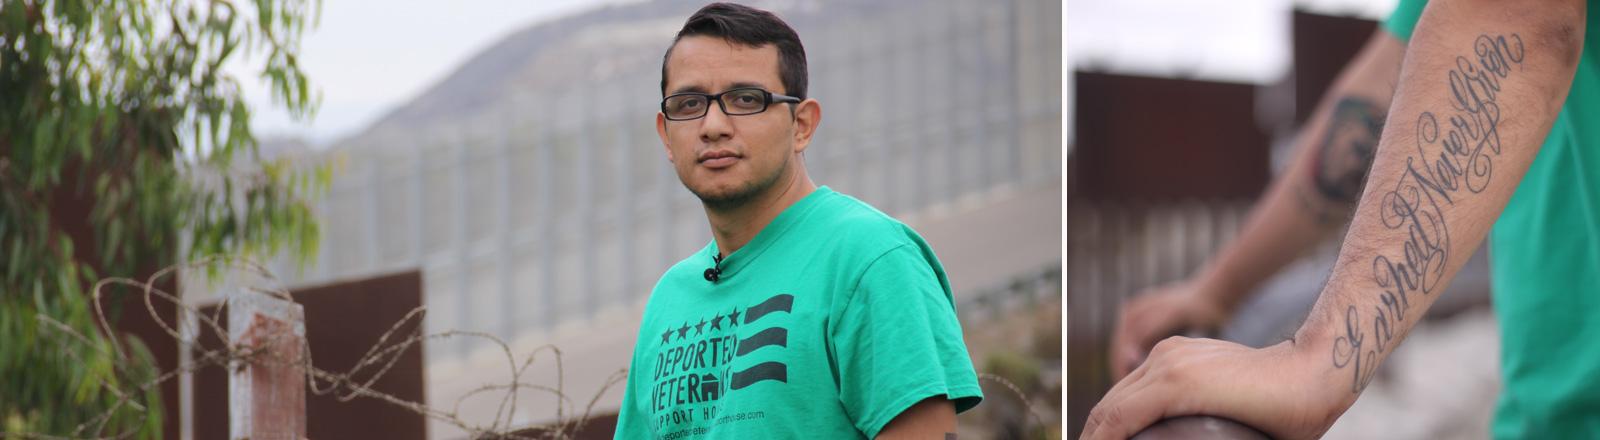 Der Mexikaner Daniel Torres, der als US-Veteran gedient hat, obwohl er illegal in den USA gelebt hat.